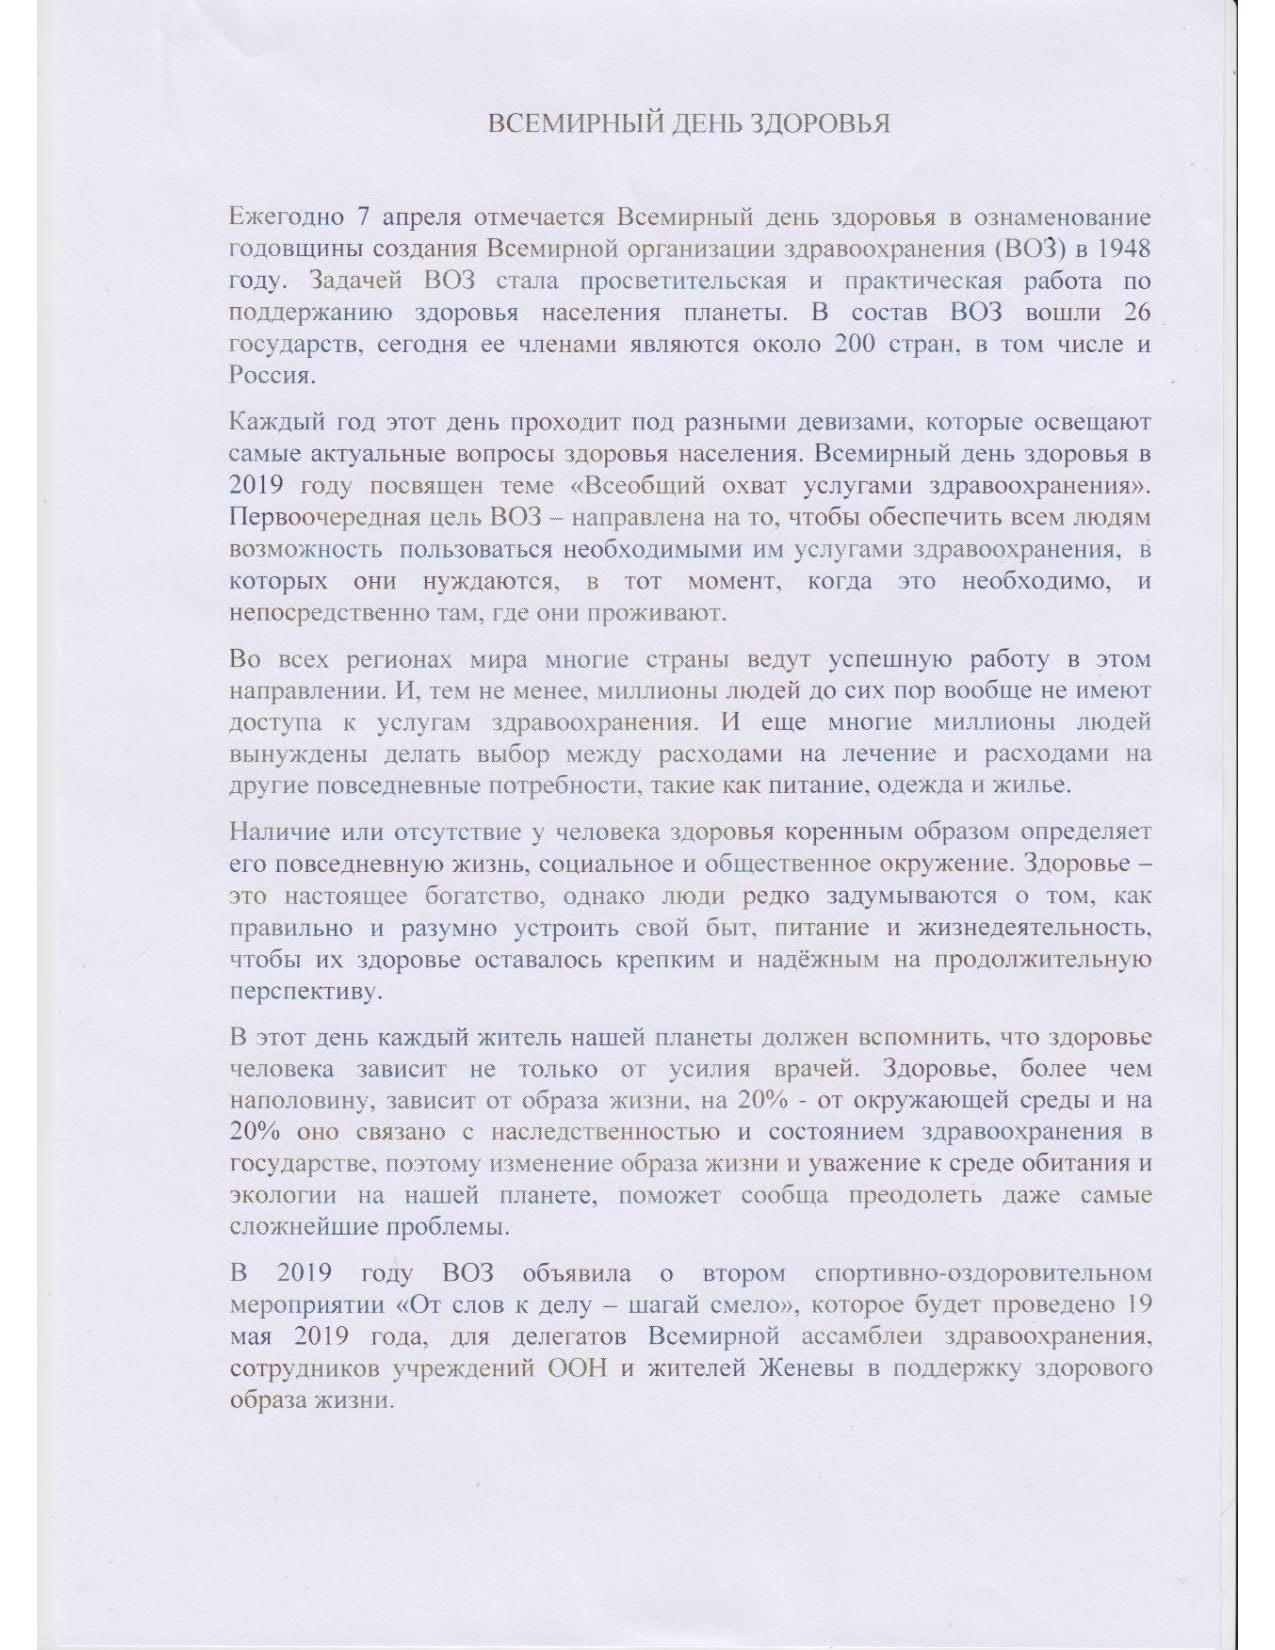 Роспотребнадзор 440 с резол_1